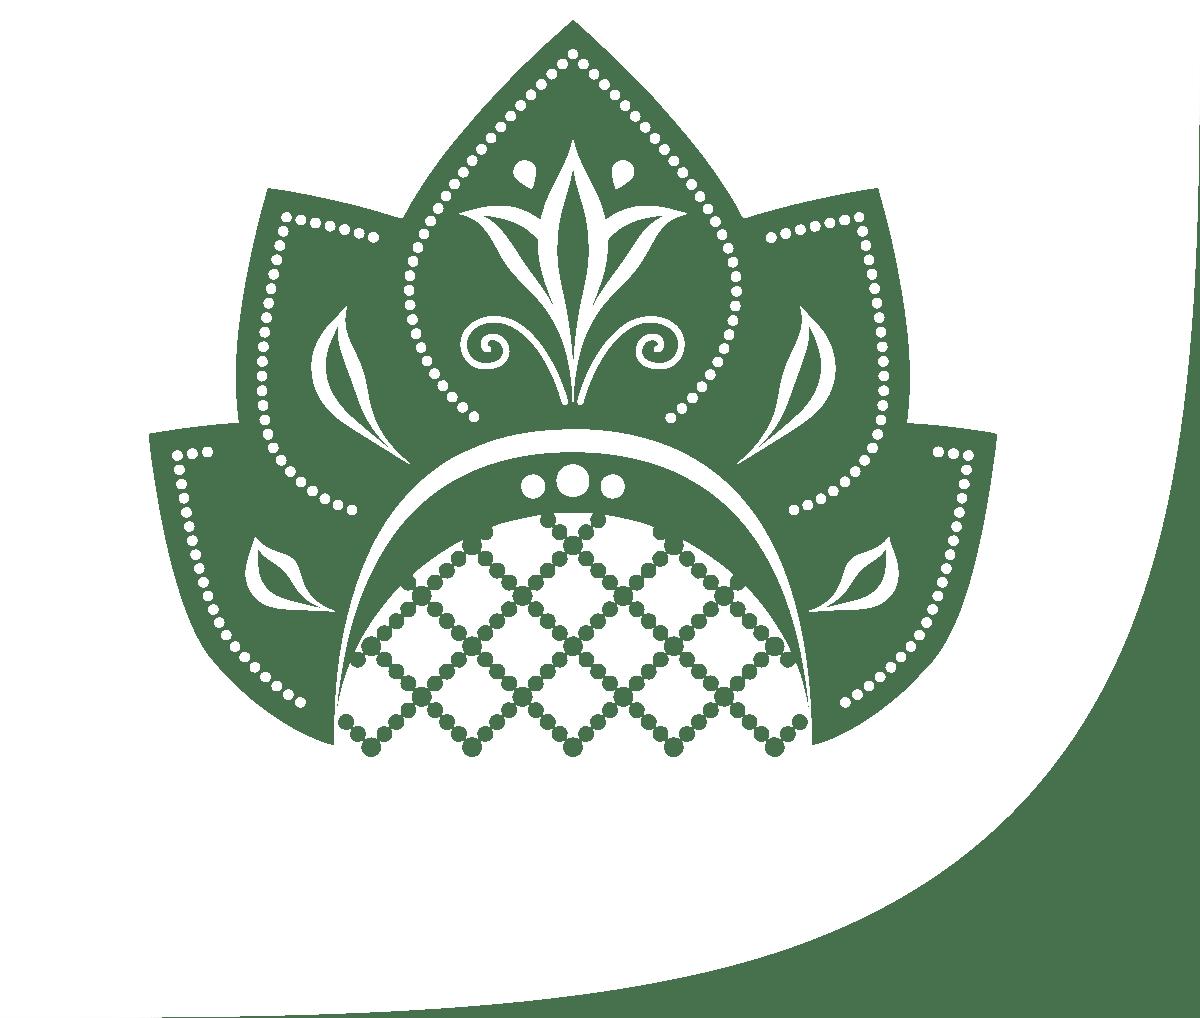 Логотип Достояние русской культуры детям 2020